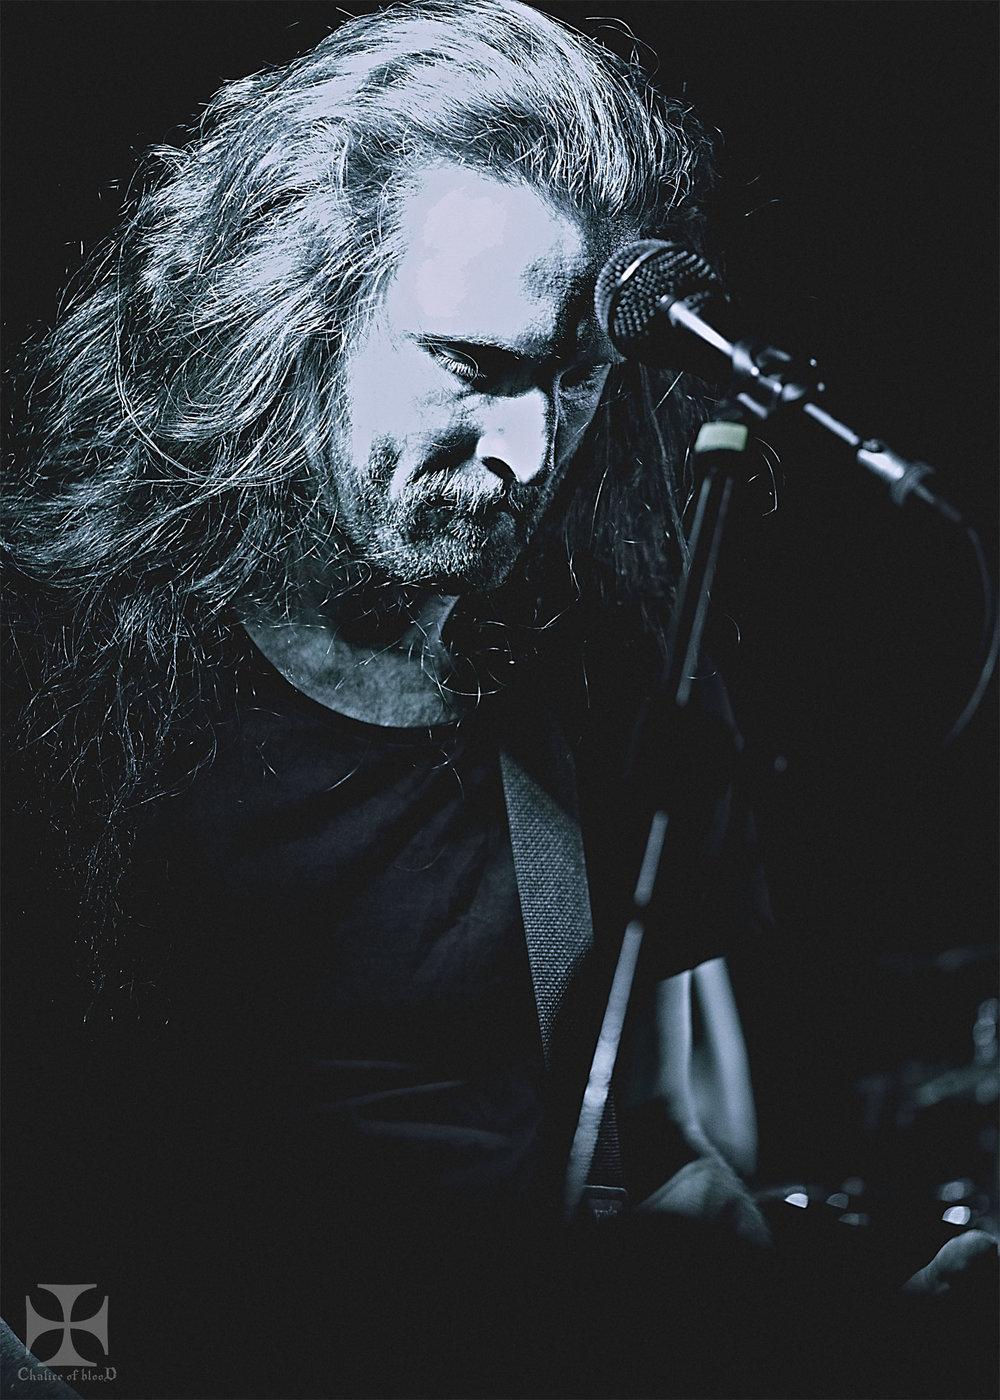 2017.04-Alcest---51-Exposure-watermarked.jpg